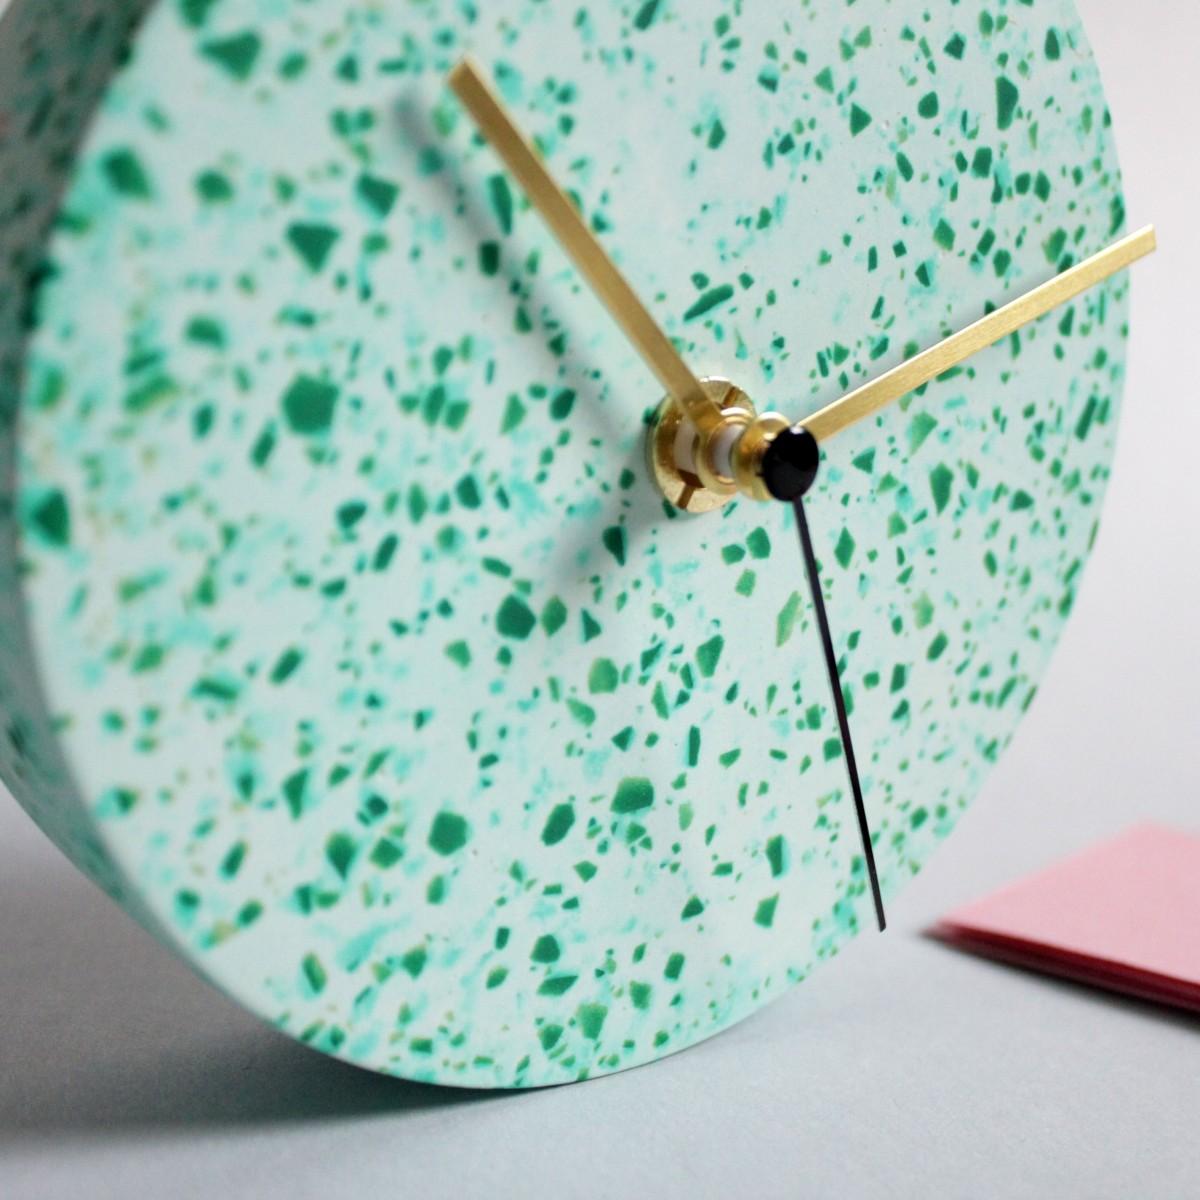 Kleine Wanduhr mit Uhrzeiger aus Messing / tükis / objet vague